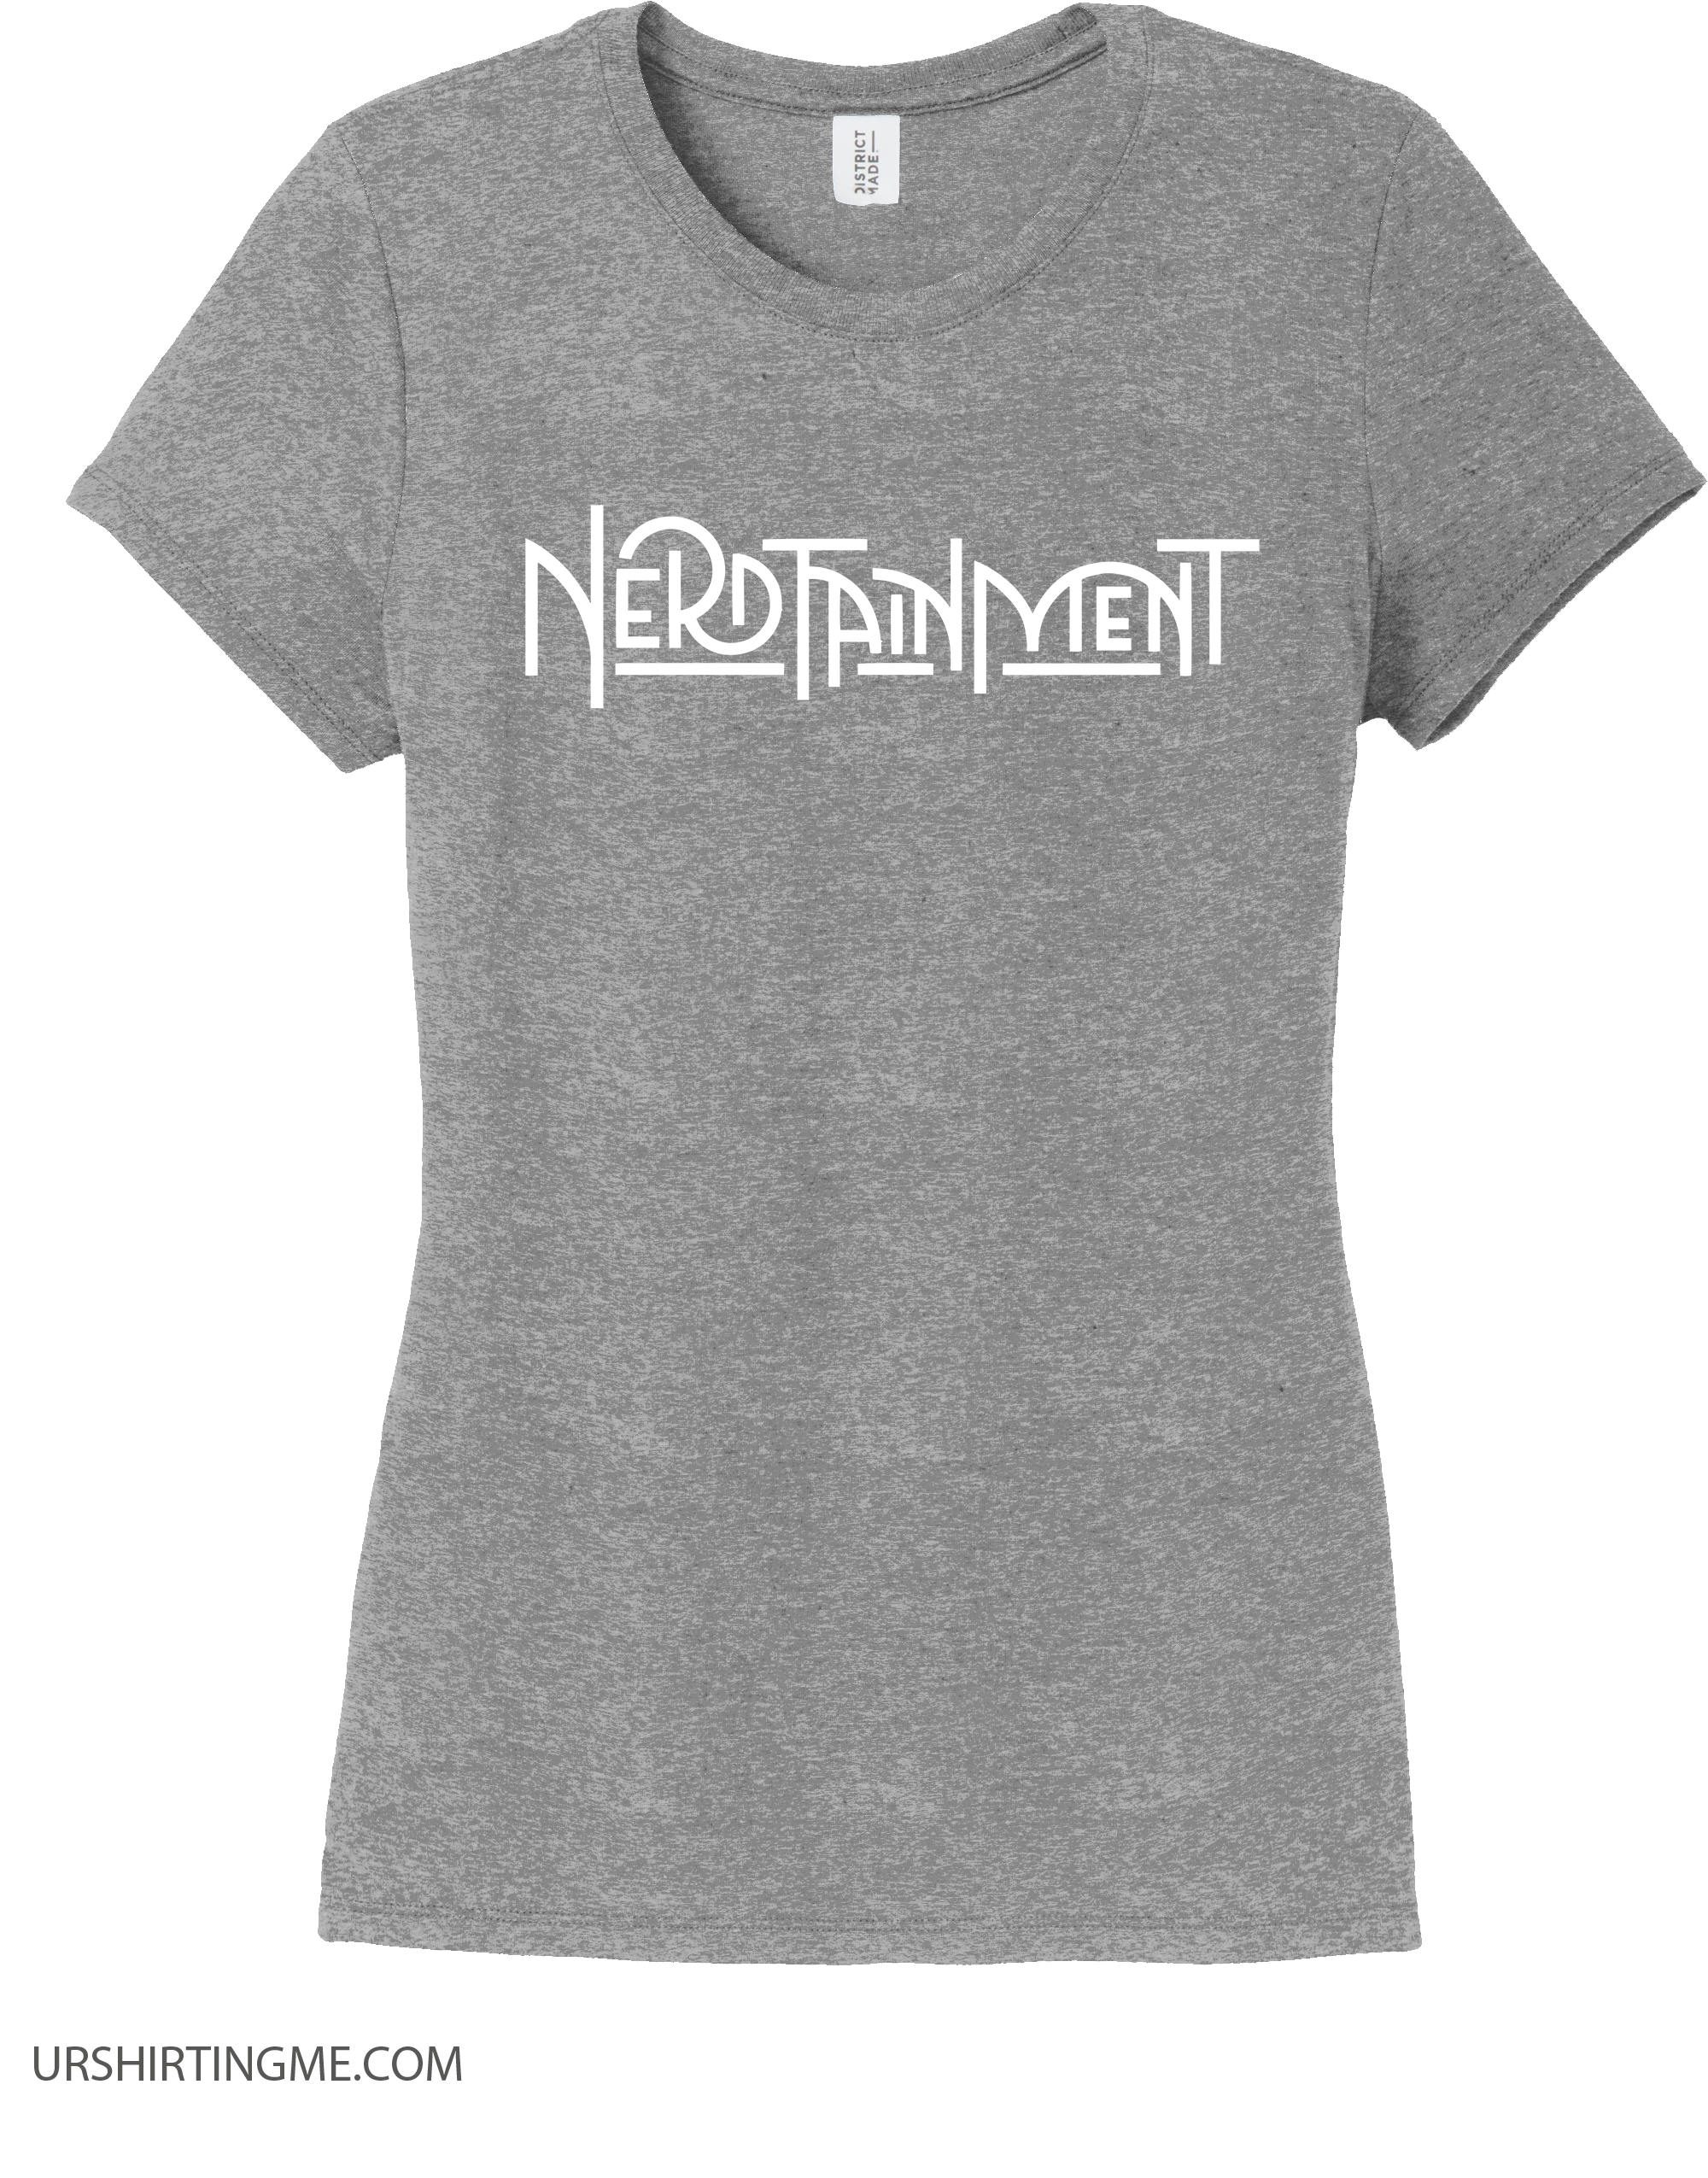 Nerdtainment Logo White